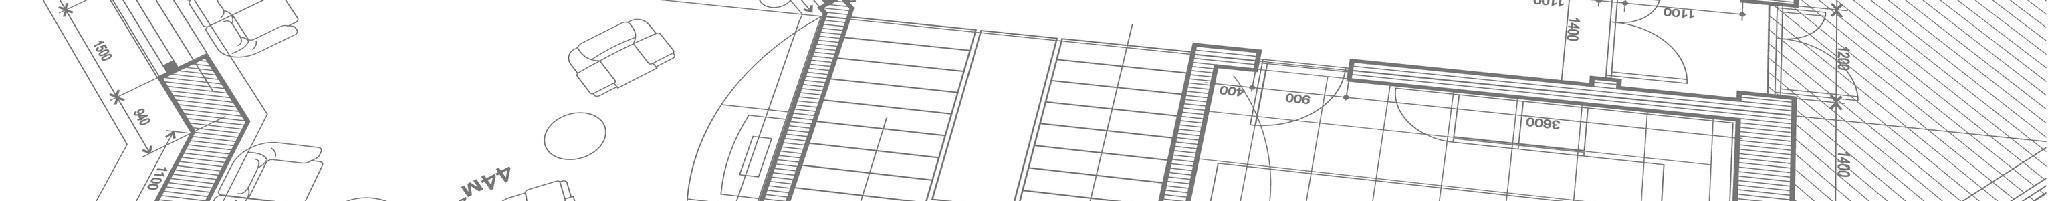 Architekten Bauplanung - Hausplanung 3